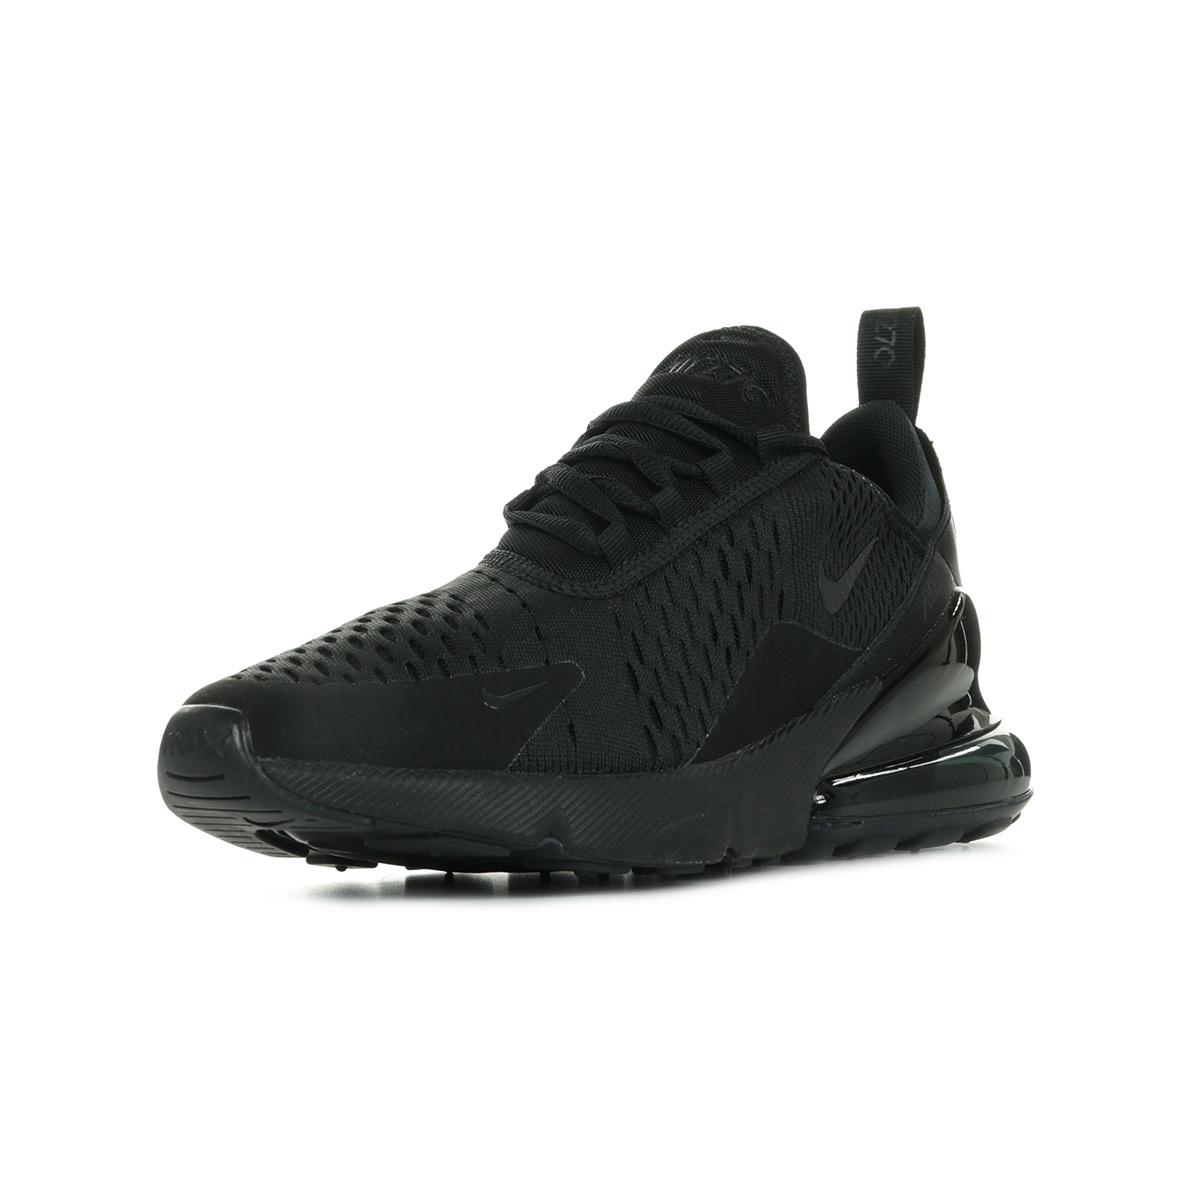 08309854a0c4 Nike Air Max 270